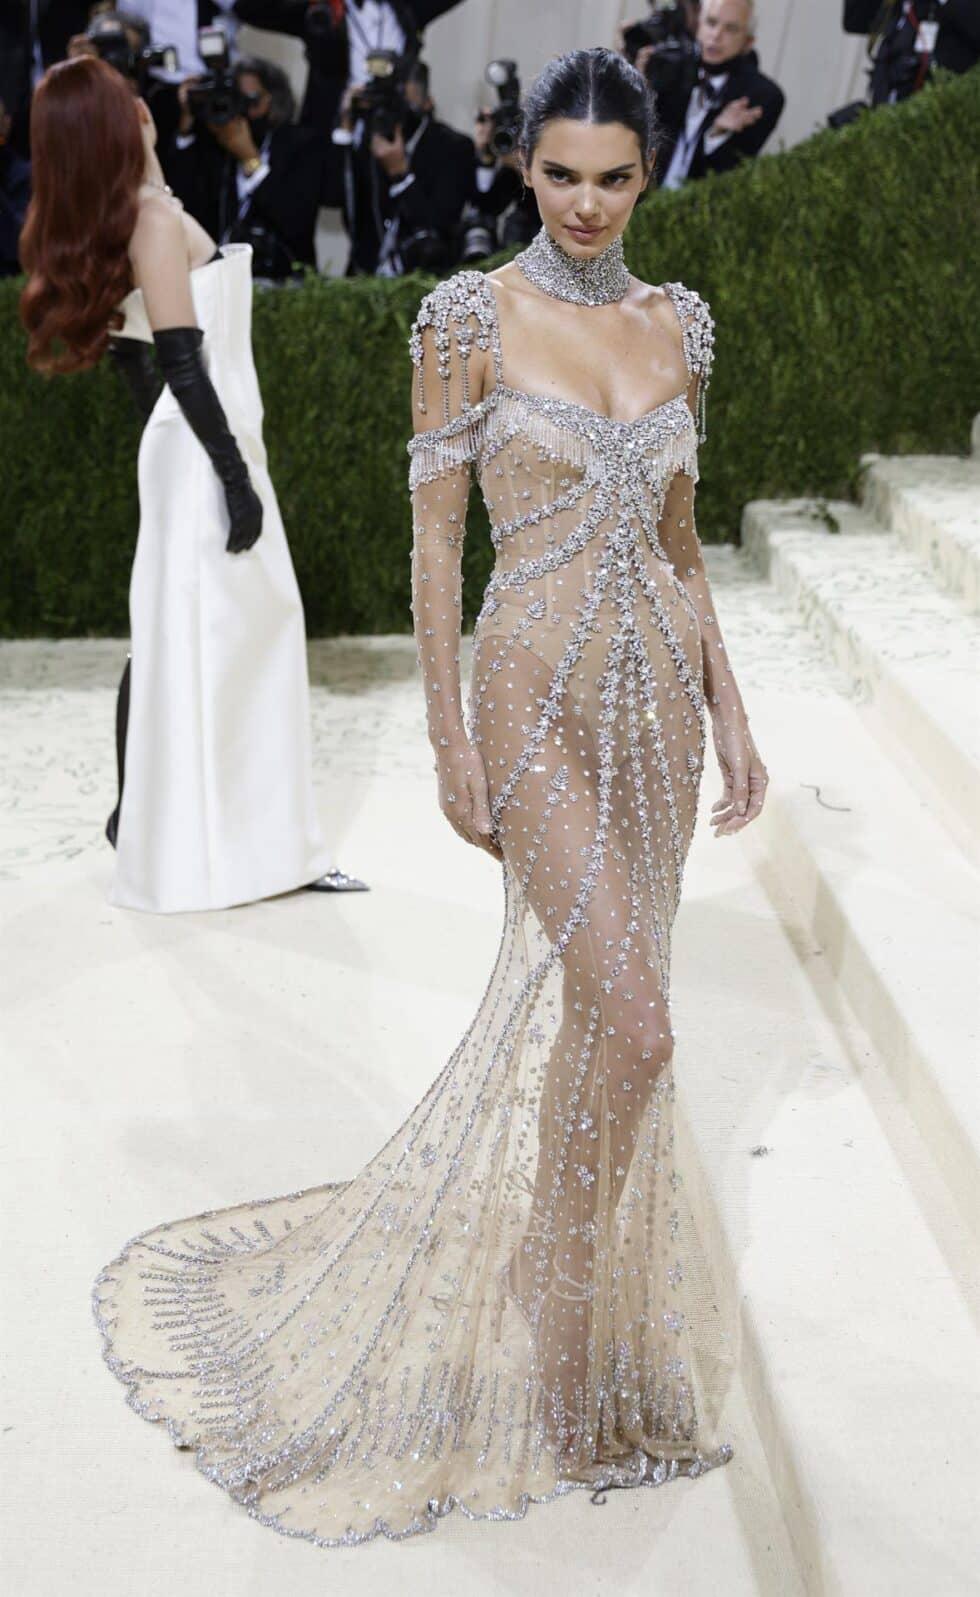 La modelo Kendall Jenner lució un vestido de pedrería de Givenchy